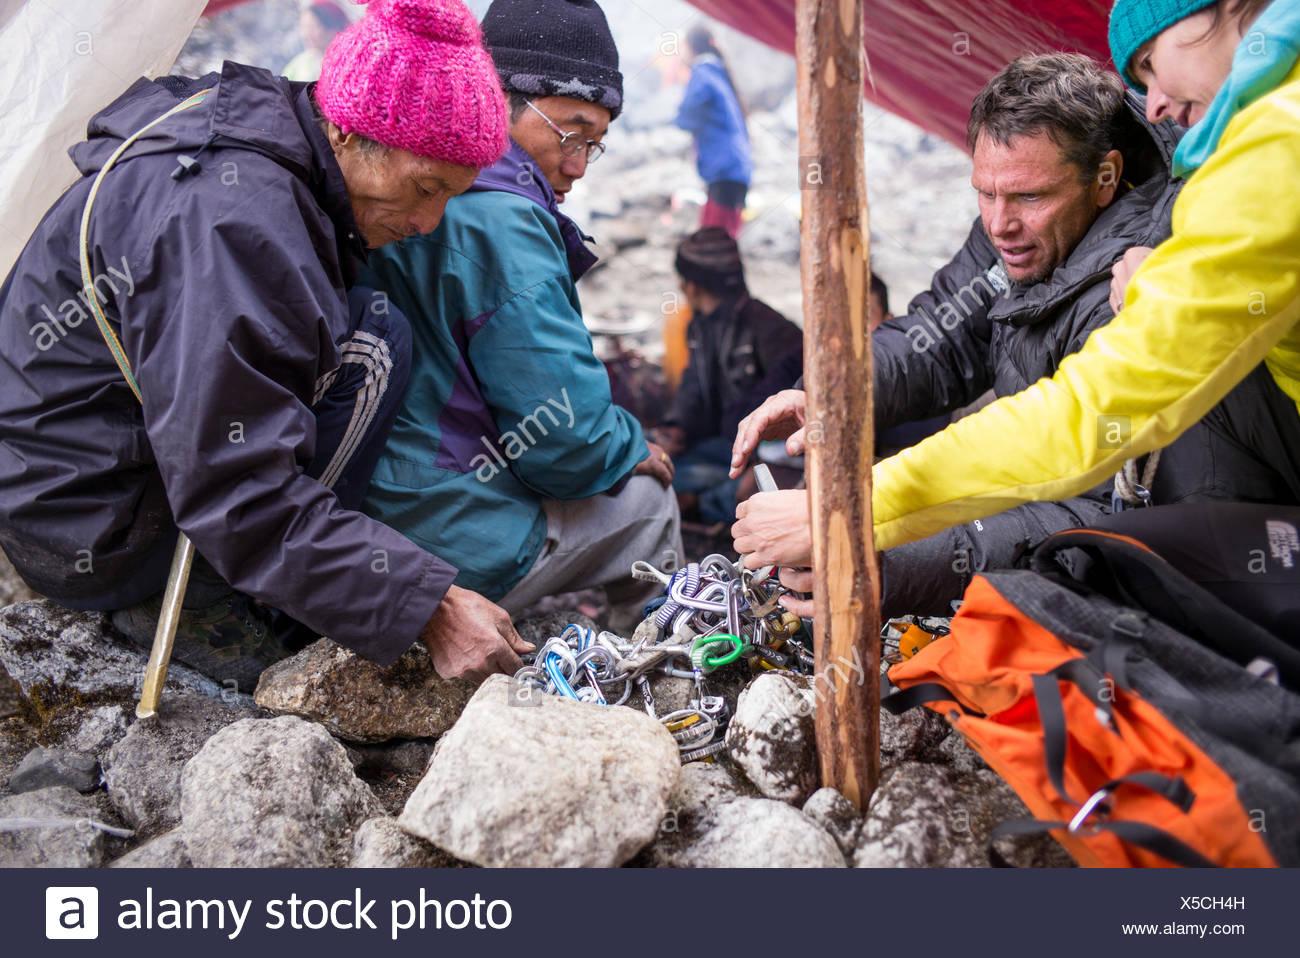 Membri della spedizione controllare le apparecchiature con l'aiuto di guide locali. Immagini Stock